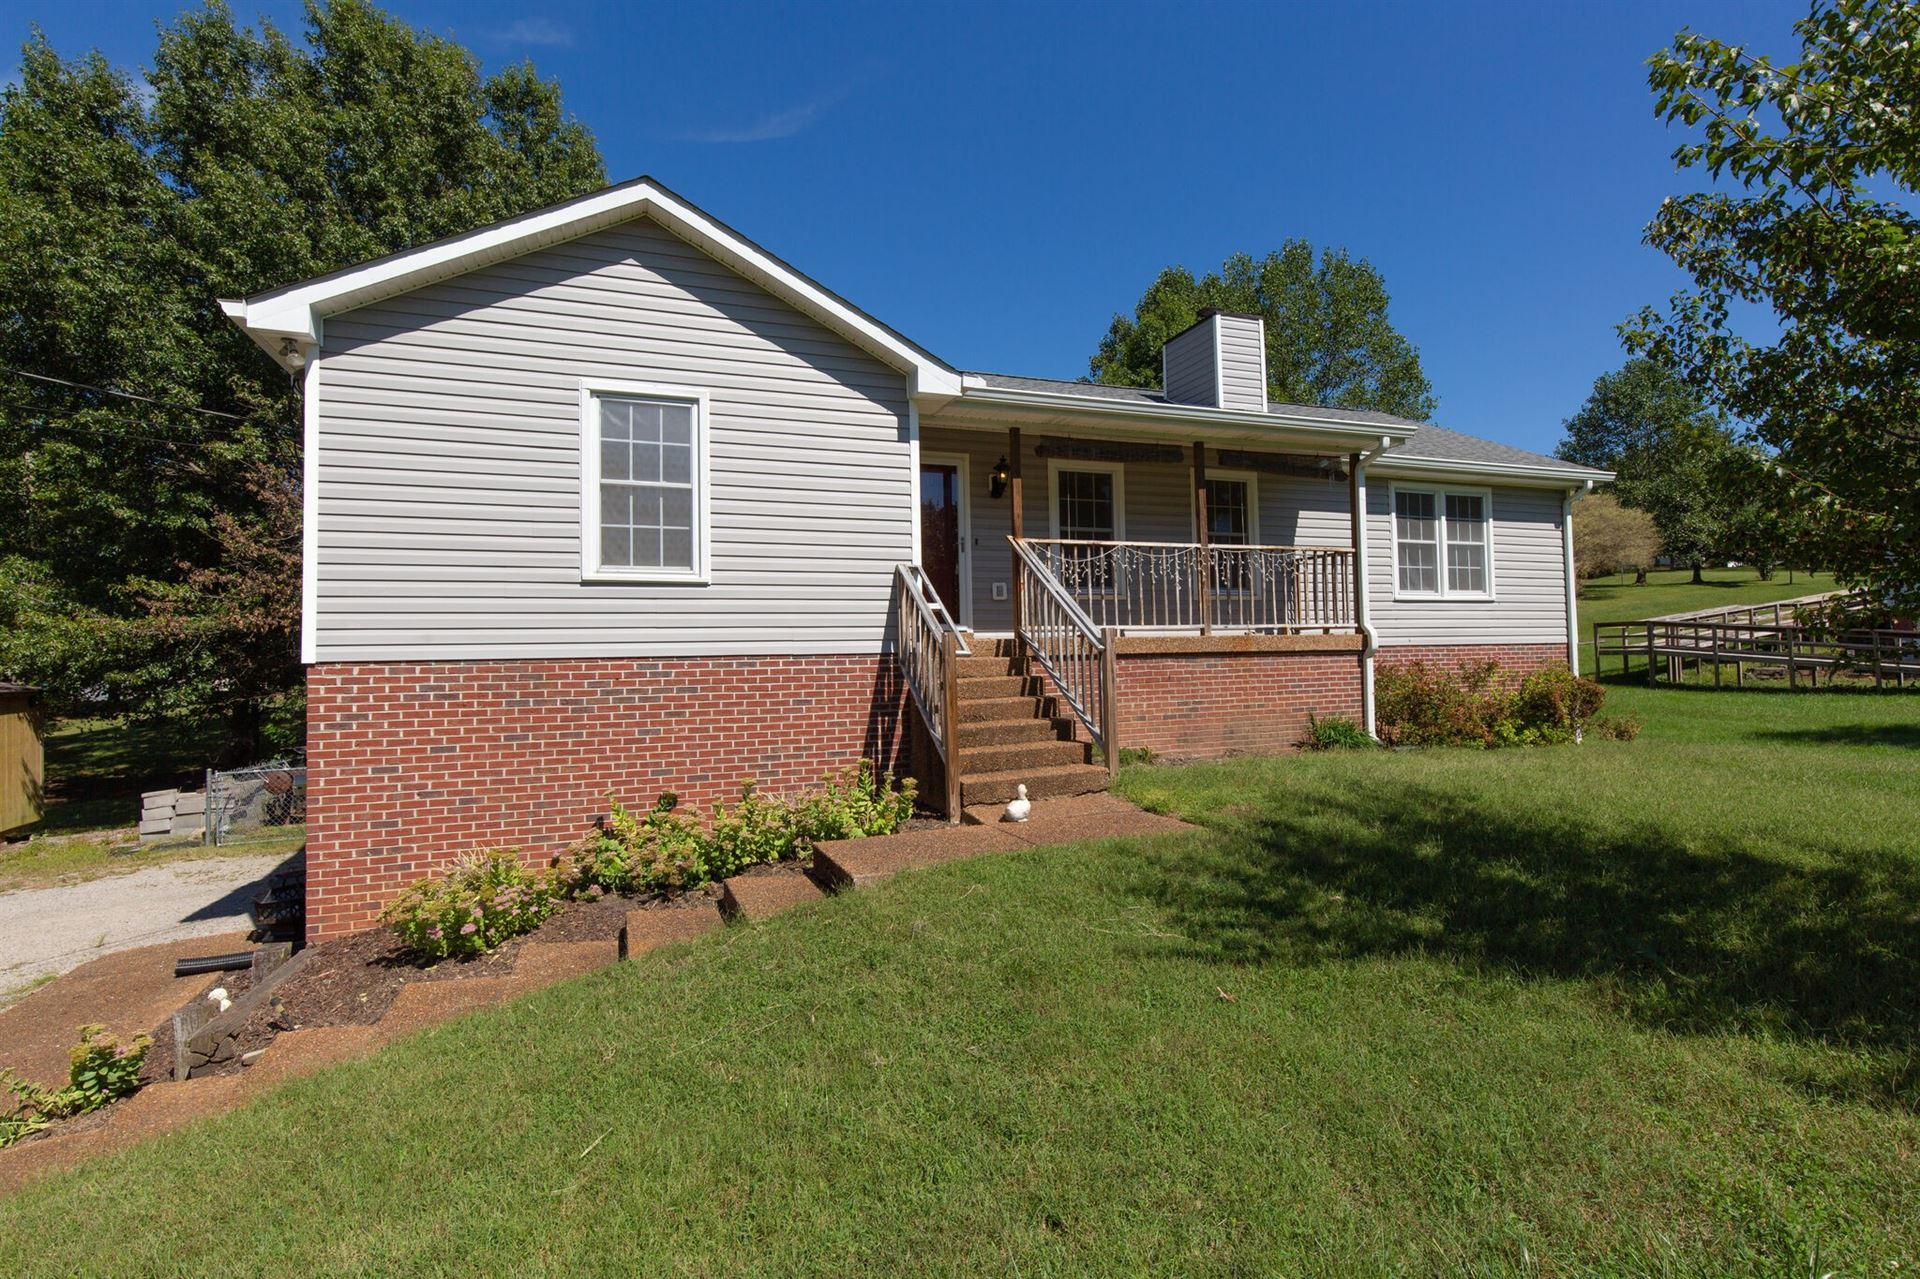 7110 Crestview Dr, Fairview, TN 37062 - MLS#: 2293945